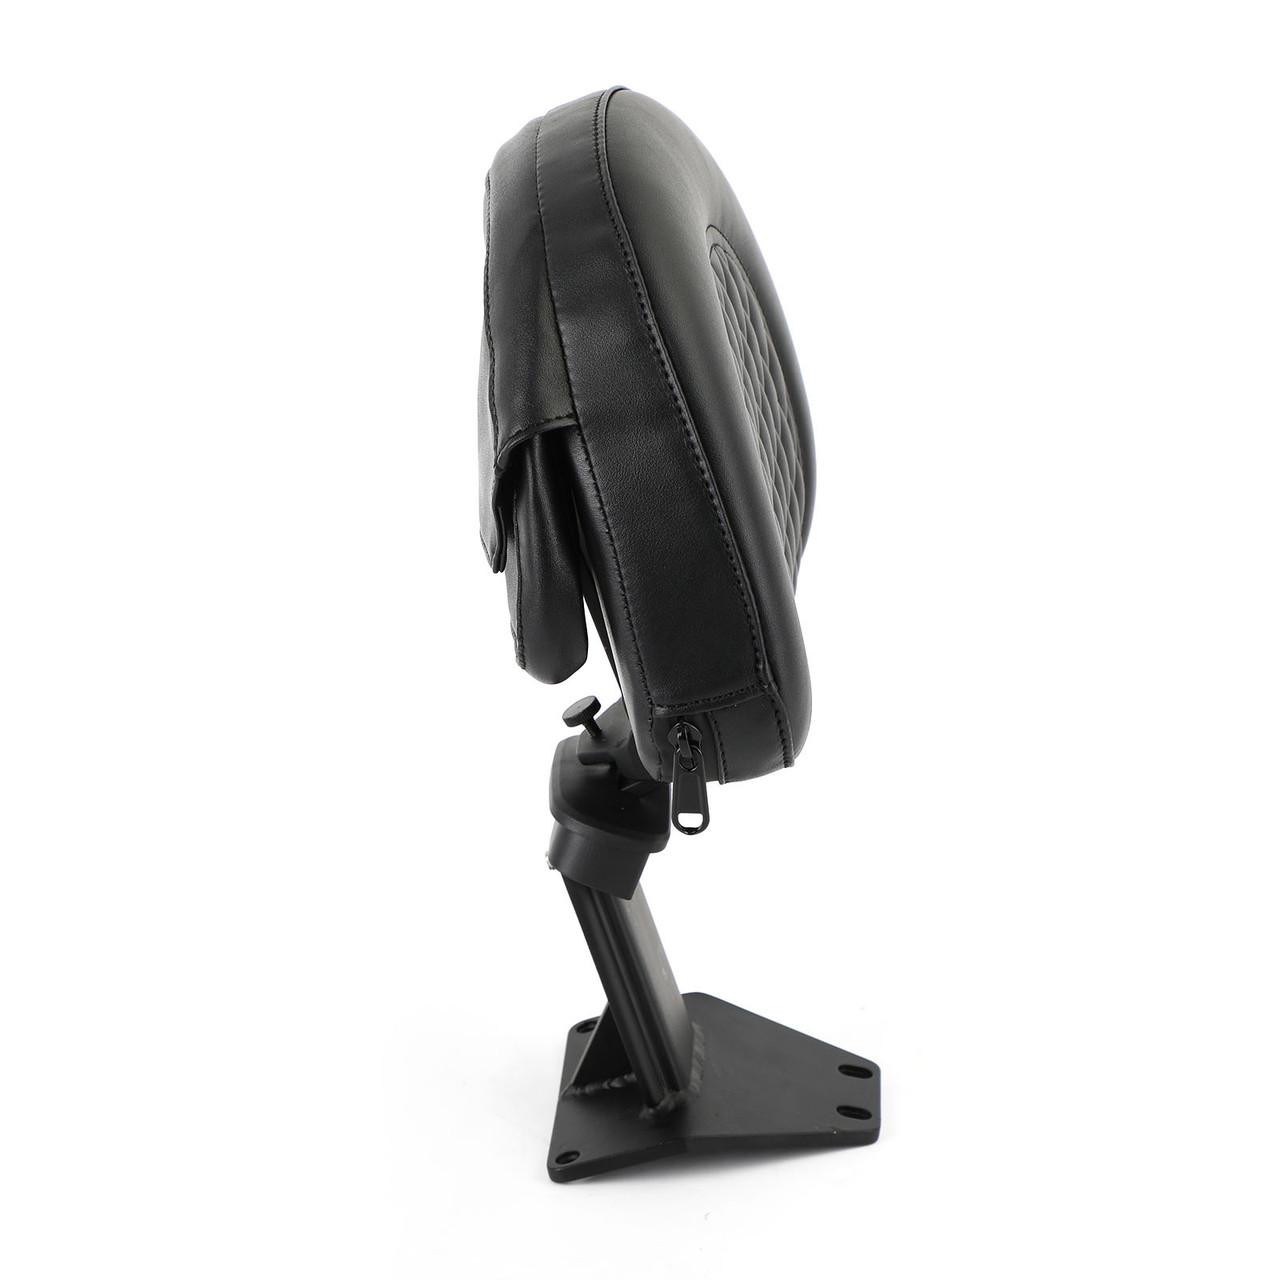 Adjustable Driver Backrest Back Rest fit for Honda Goldwing GL1800 2018-2020 Black